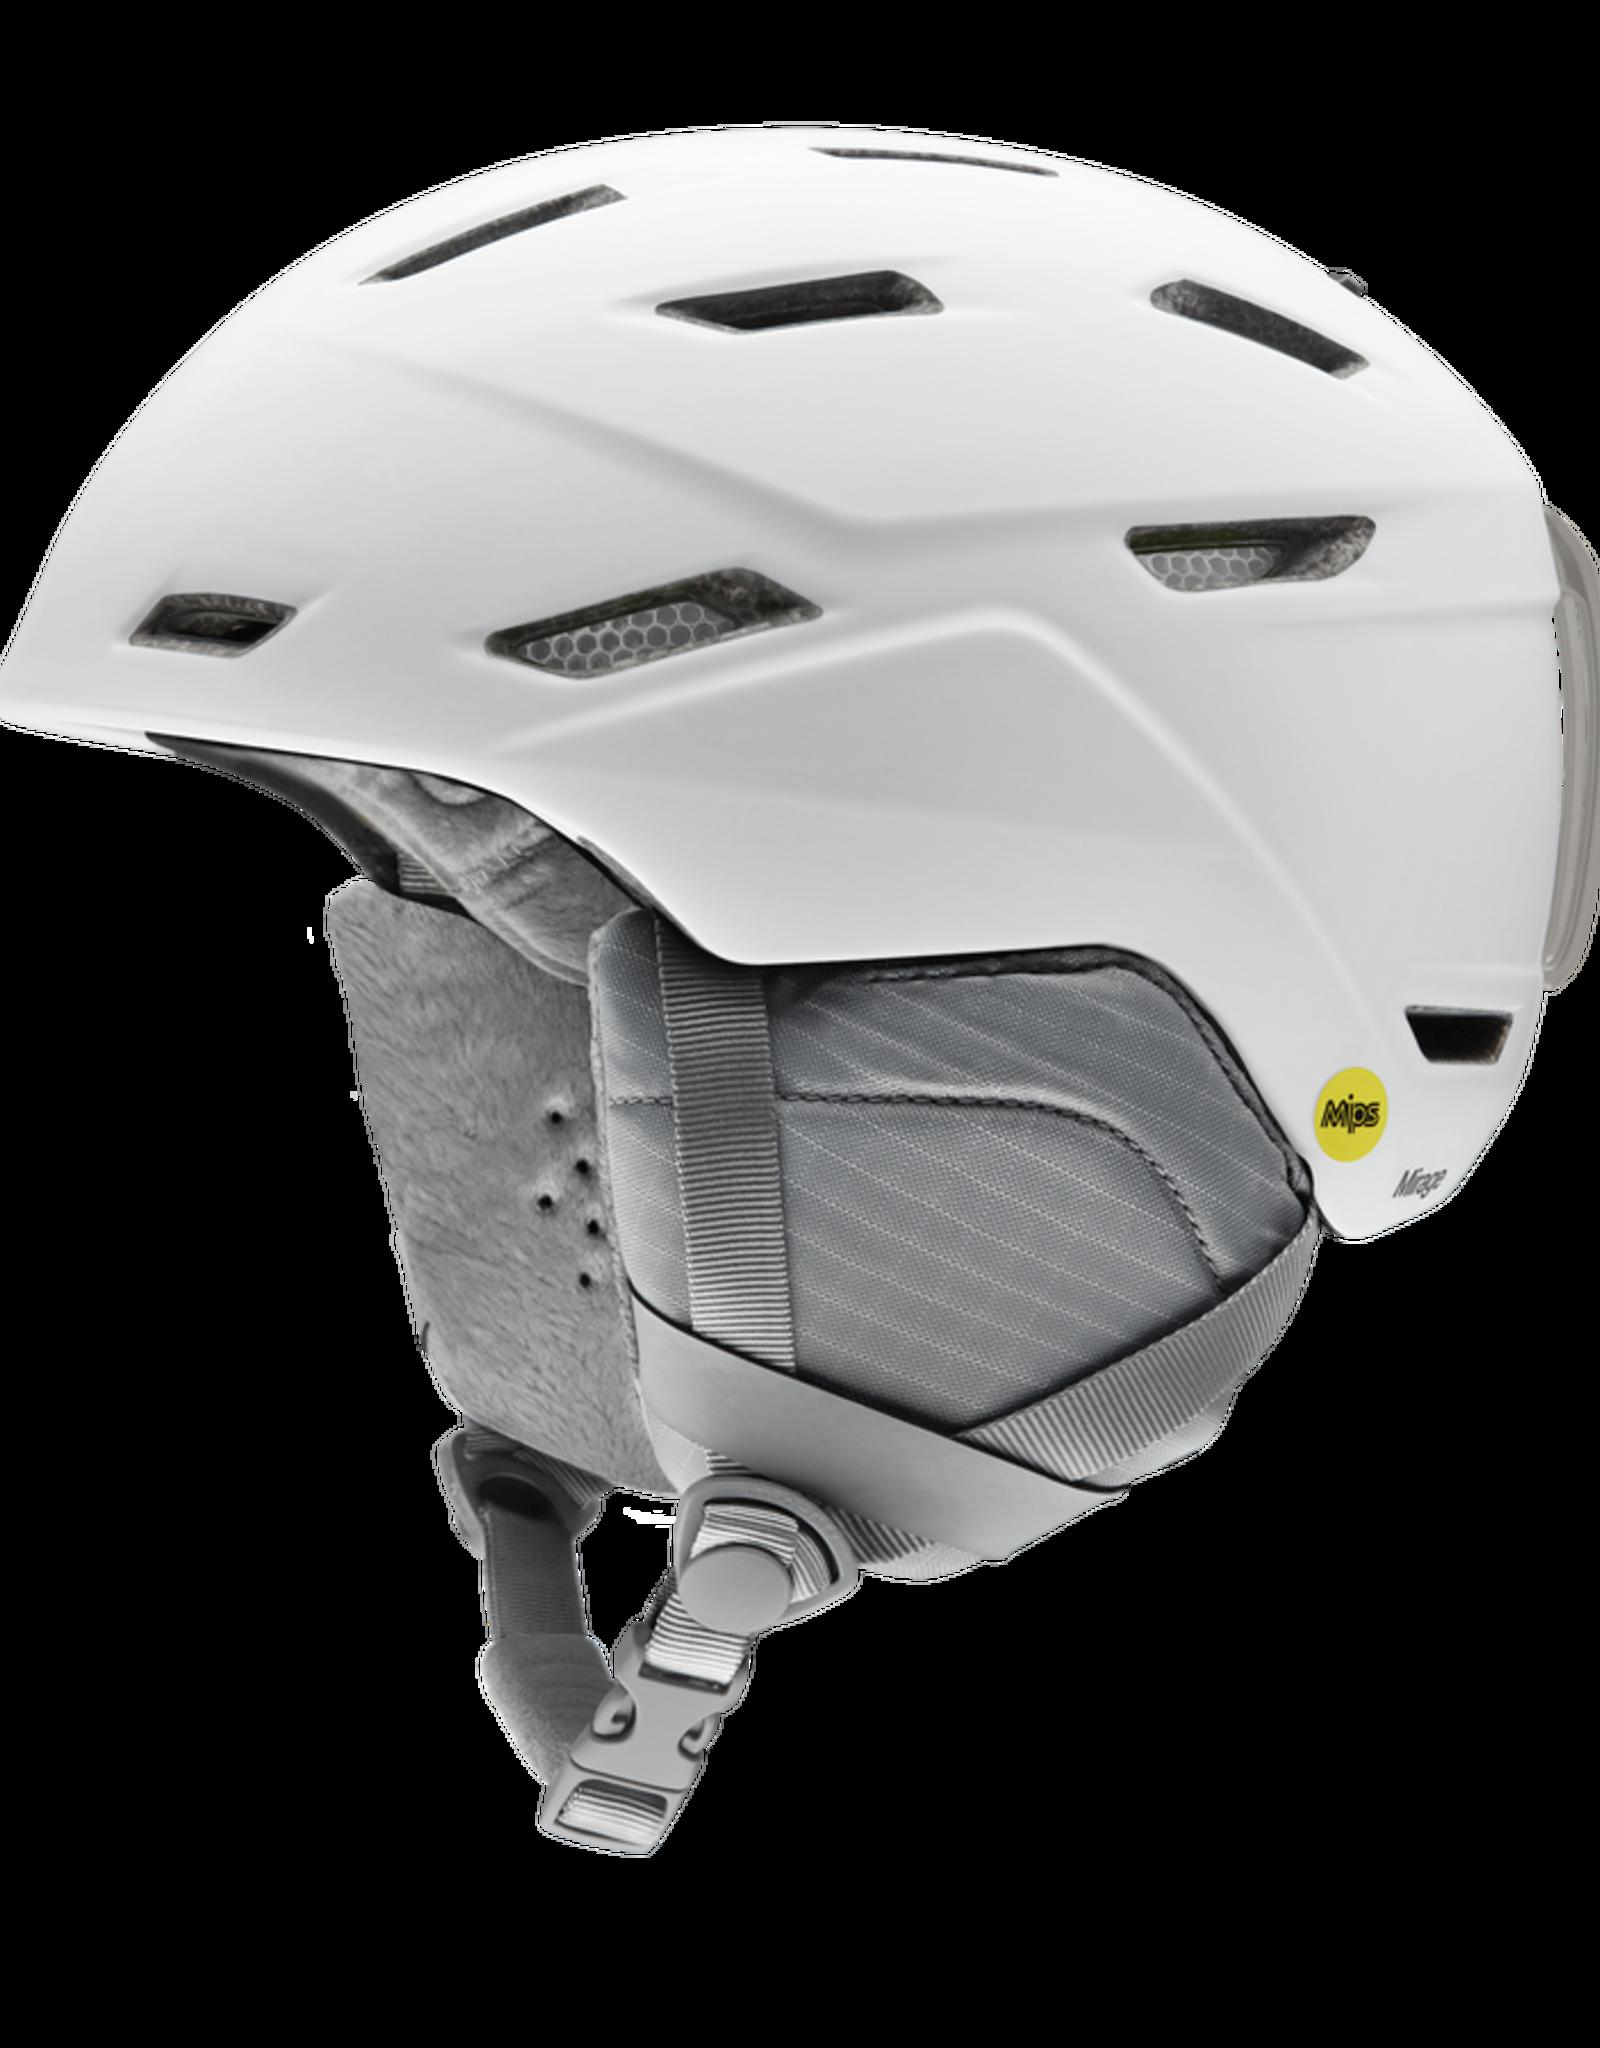 Smith Smith Mirage Ski Helmet